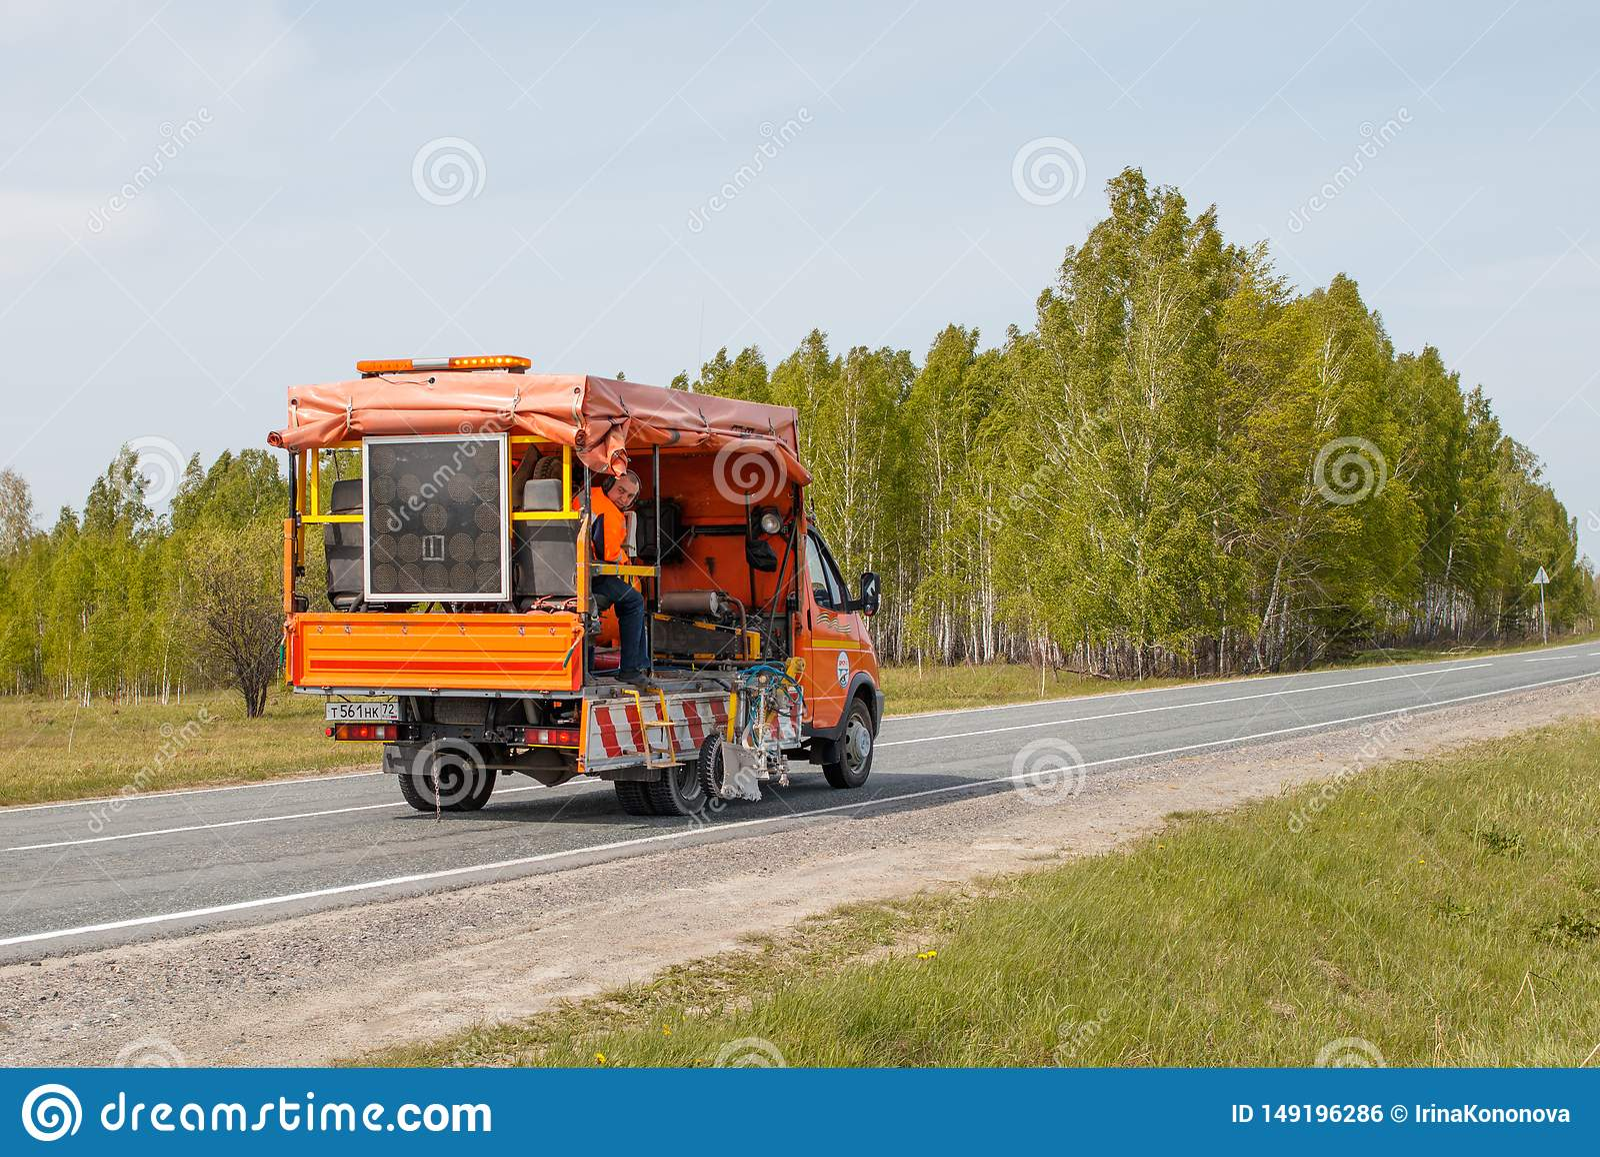 Una macchina di segno applica le marcature orizzontali su una strada con pittura